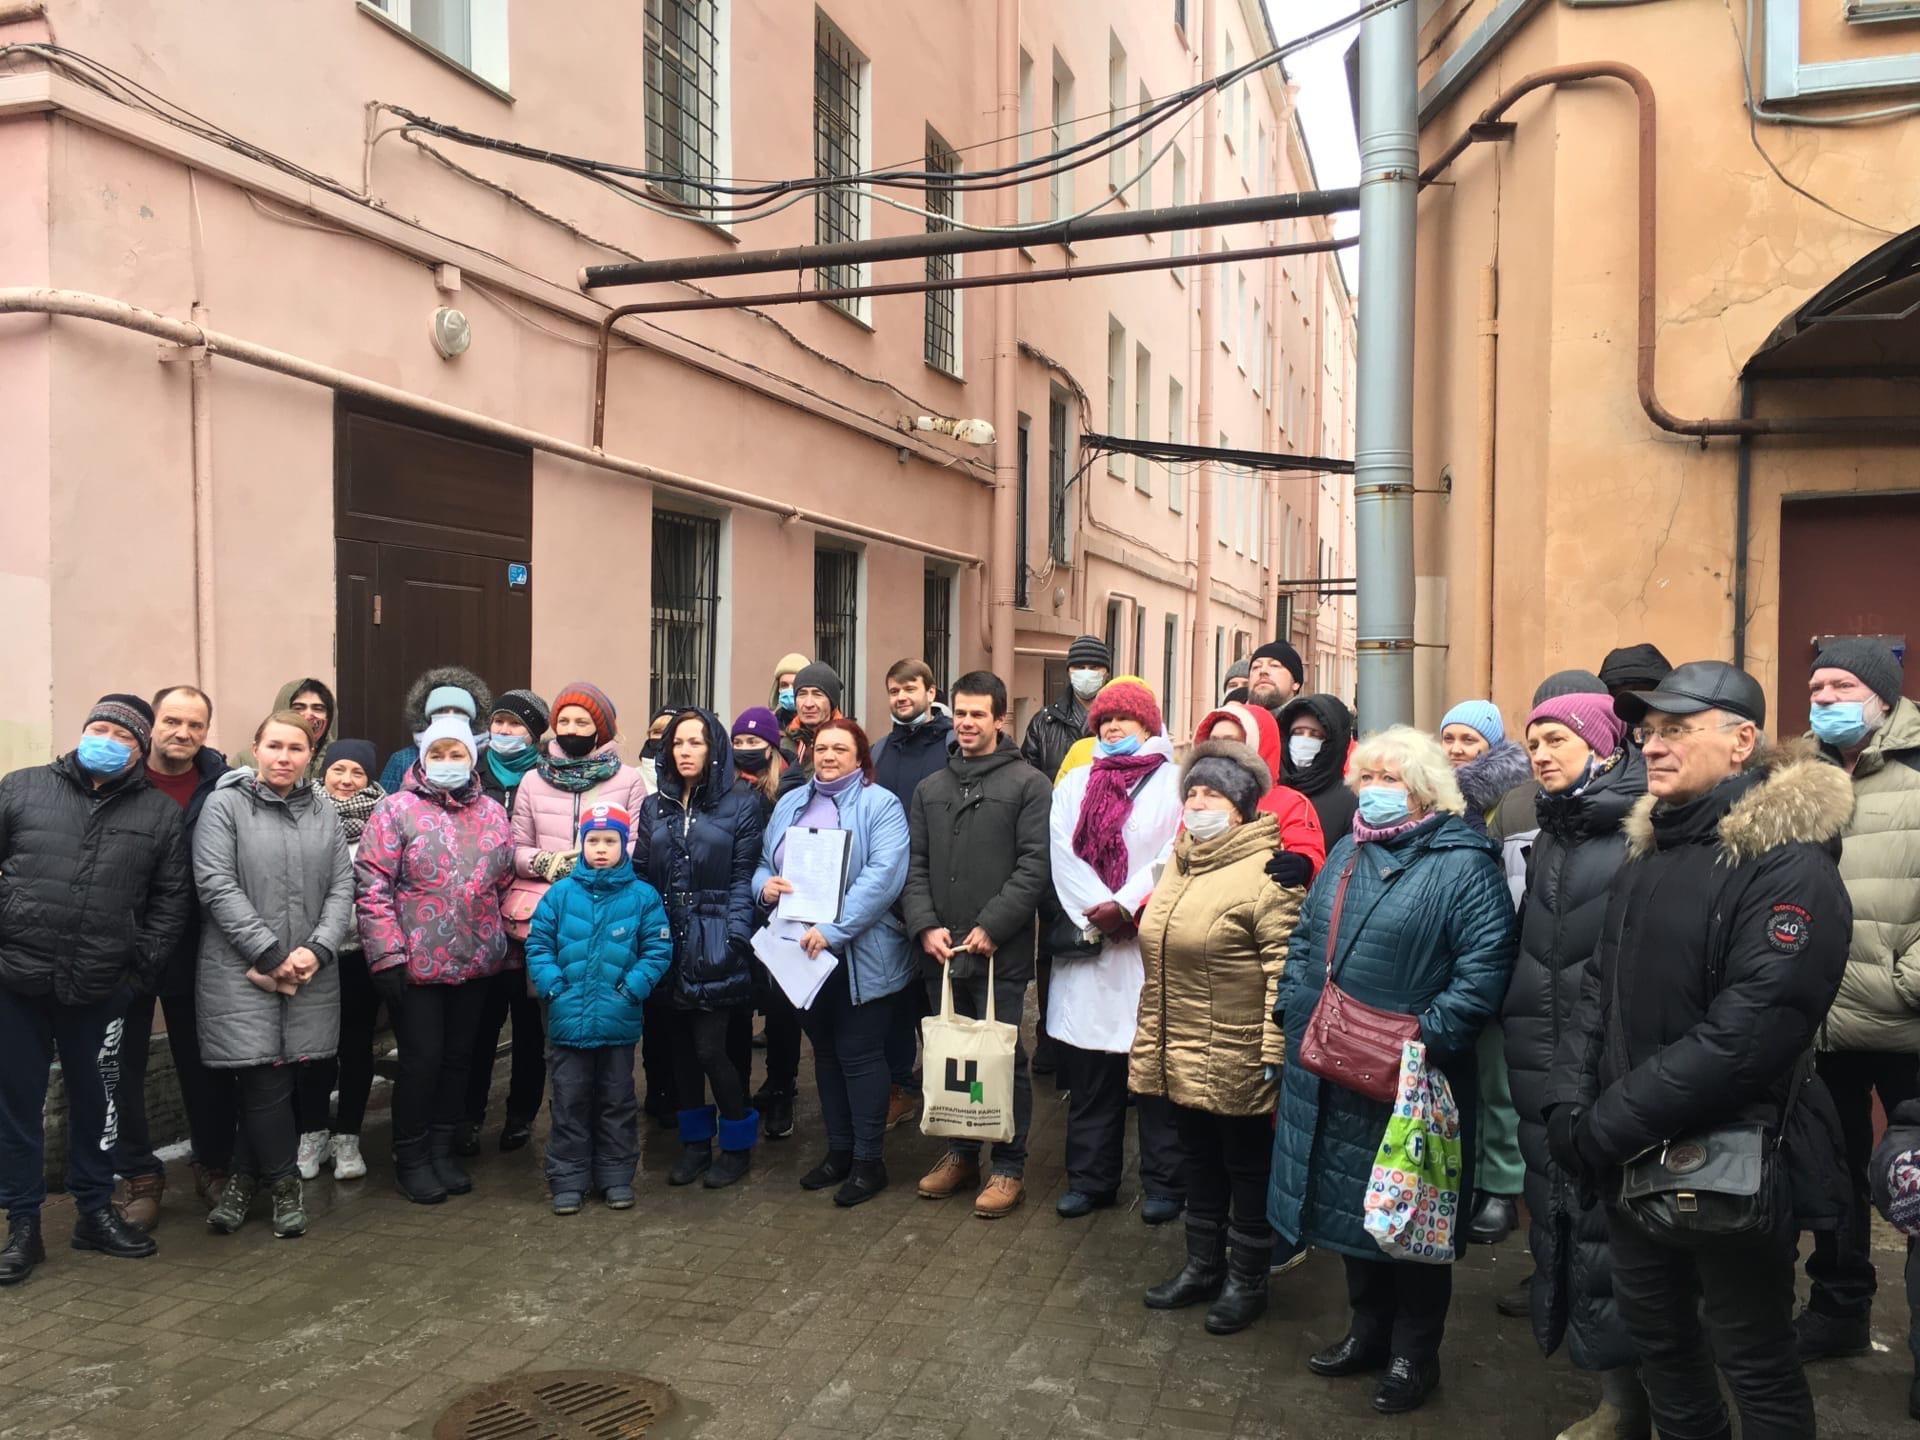 фото ЗакС политика Жители Центрального района провели народный сход против уплотнительного строительства